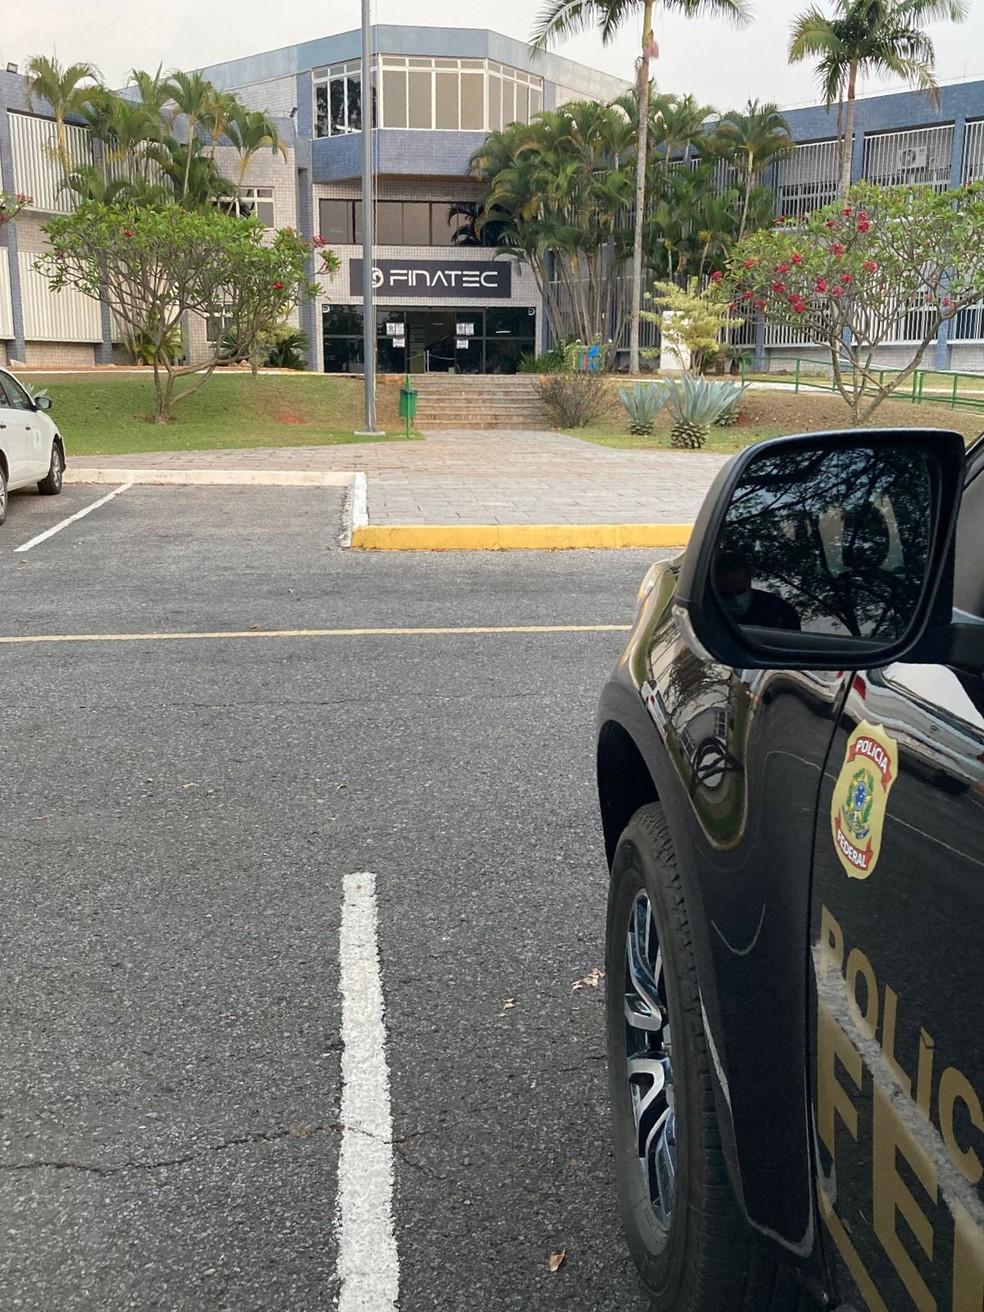 Veículo da Polícia Federal em frente à Finatec, no DF — Foto: PF/Divulgação